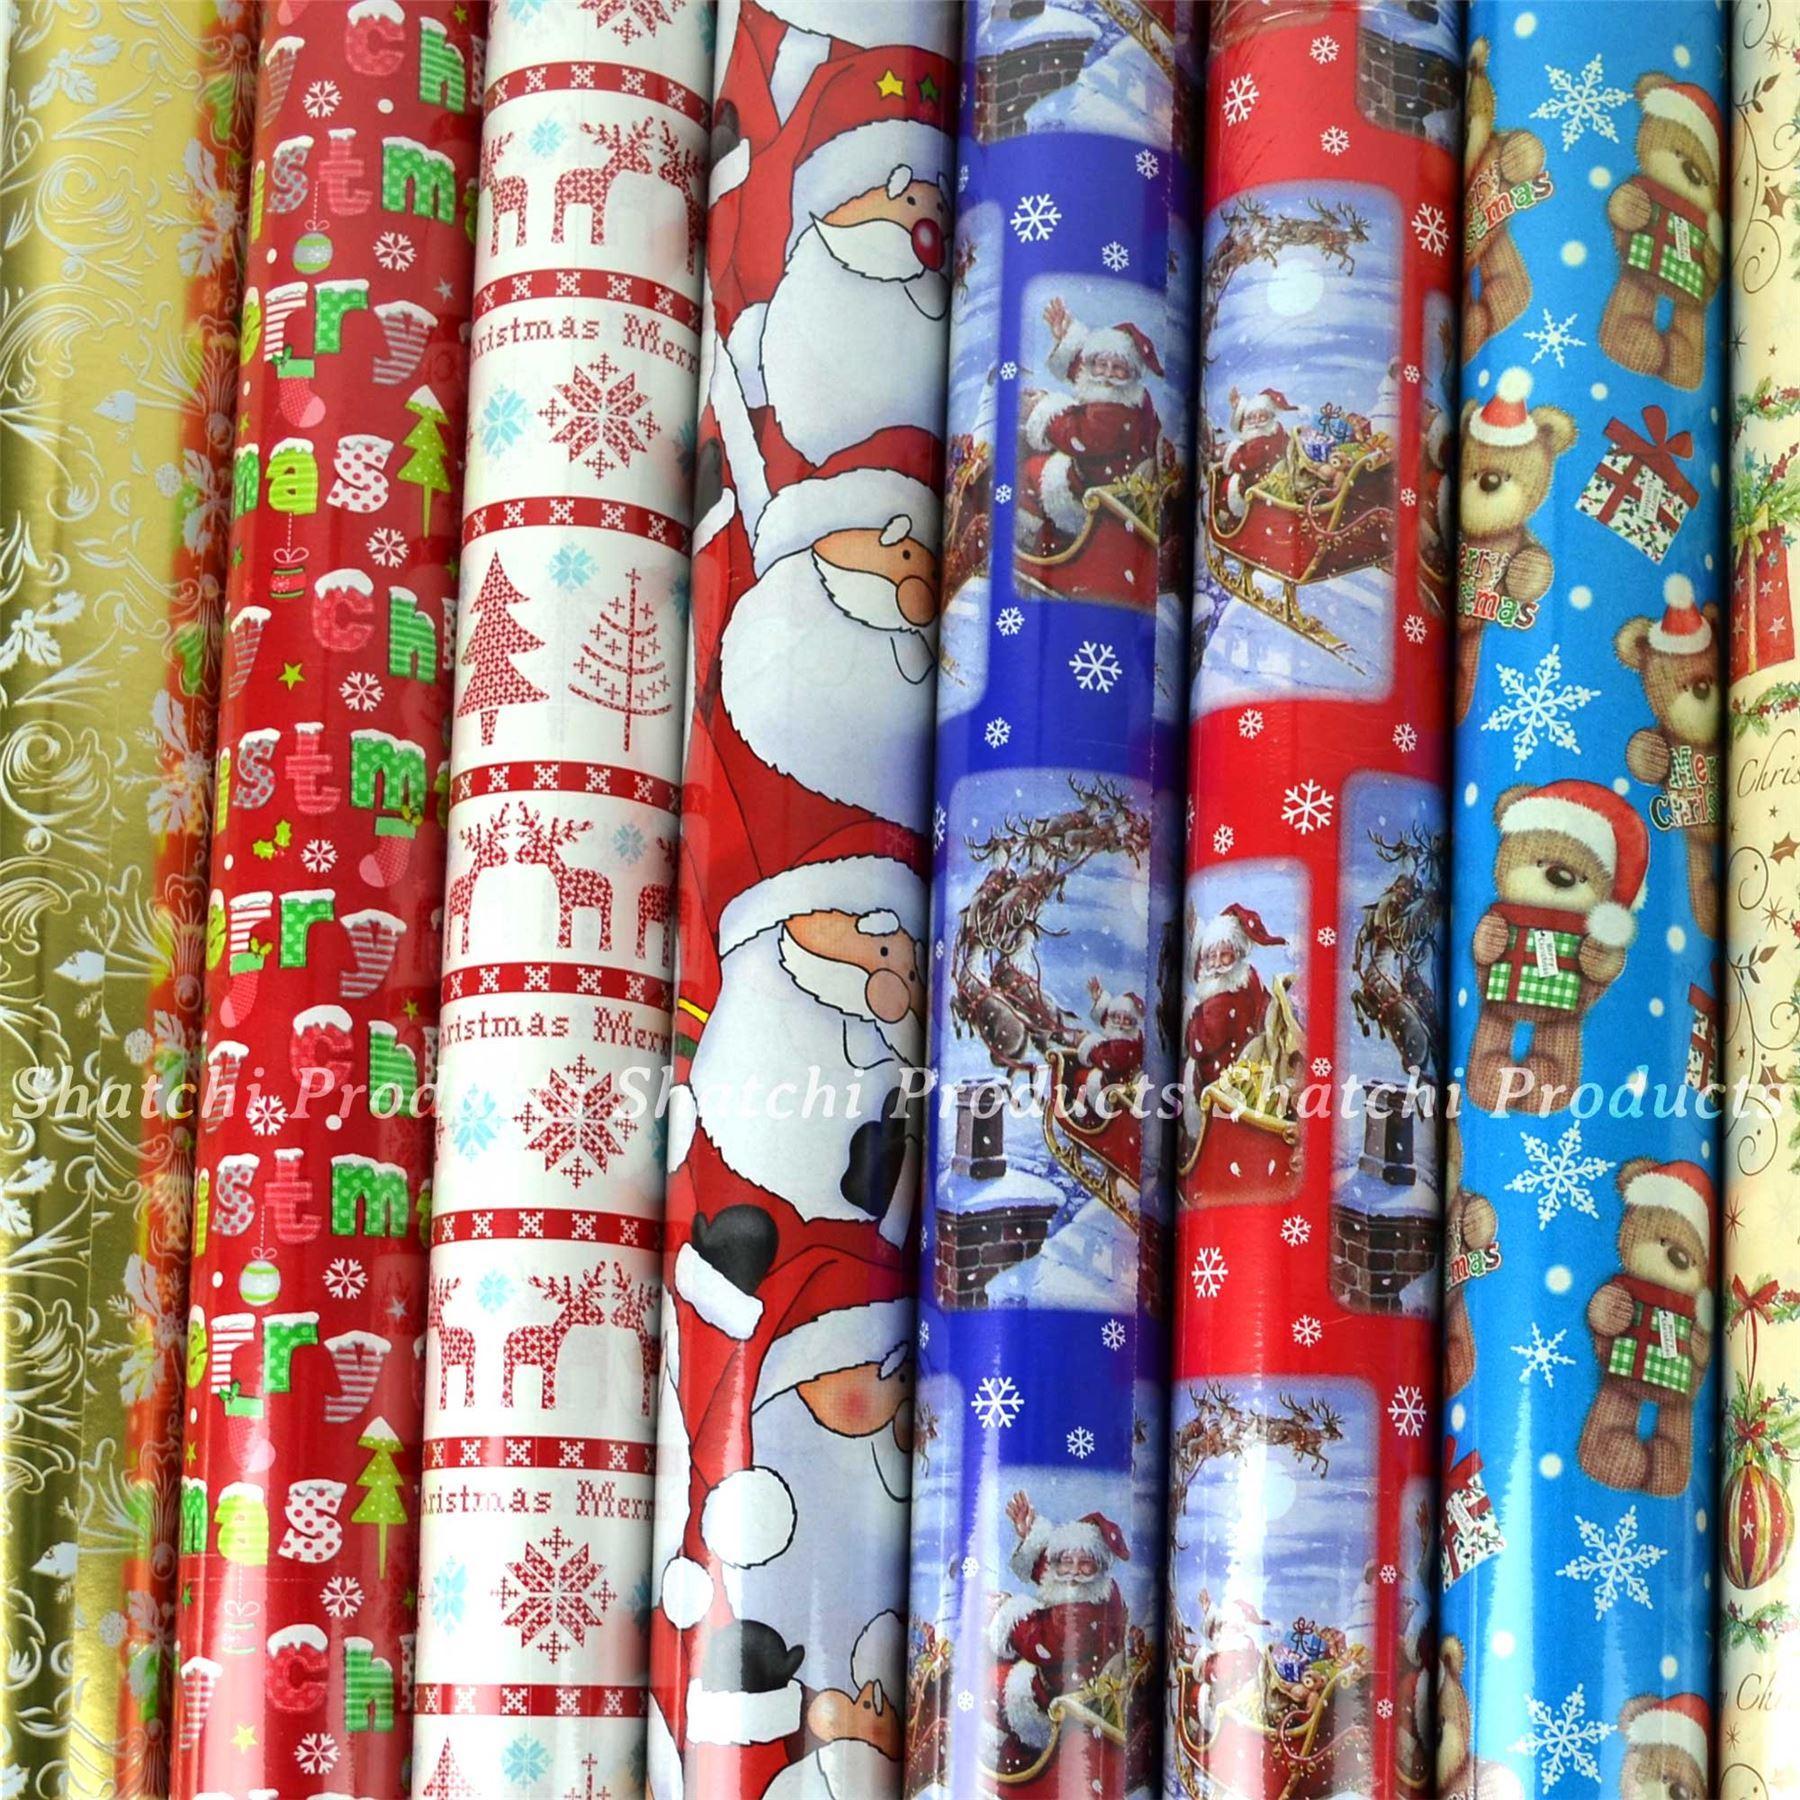 10M-Natale-Regalo-Wrap-Assortiti-ROTOLI-DI-CARTA-DA-PACCO-ROTOLO-REGALO-DI-NATALE miniatura 25